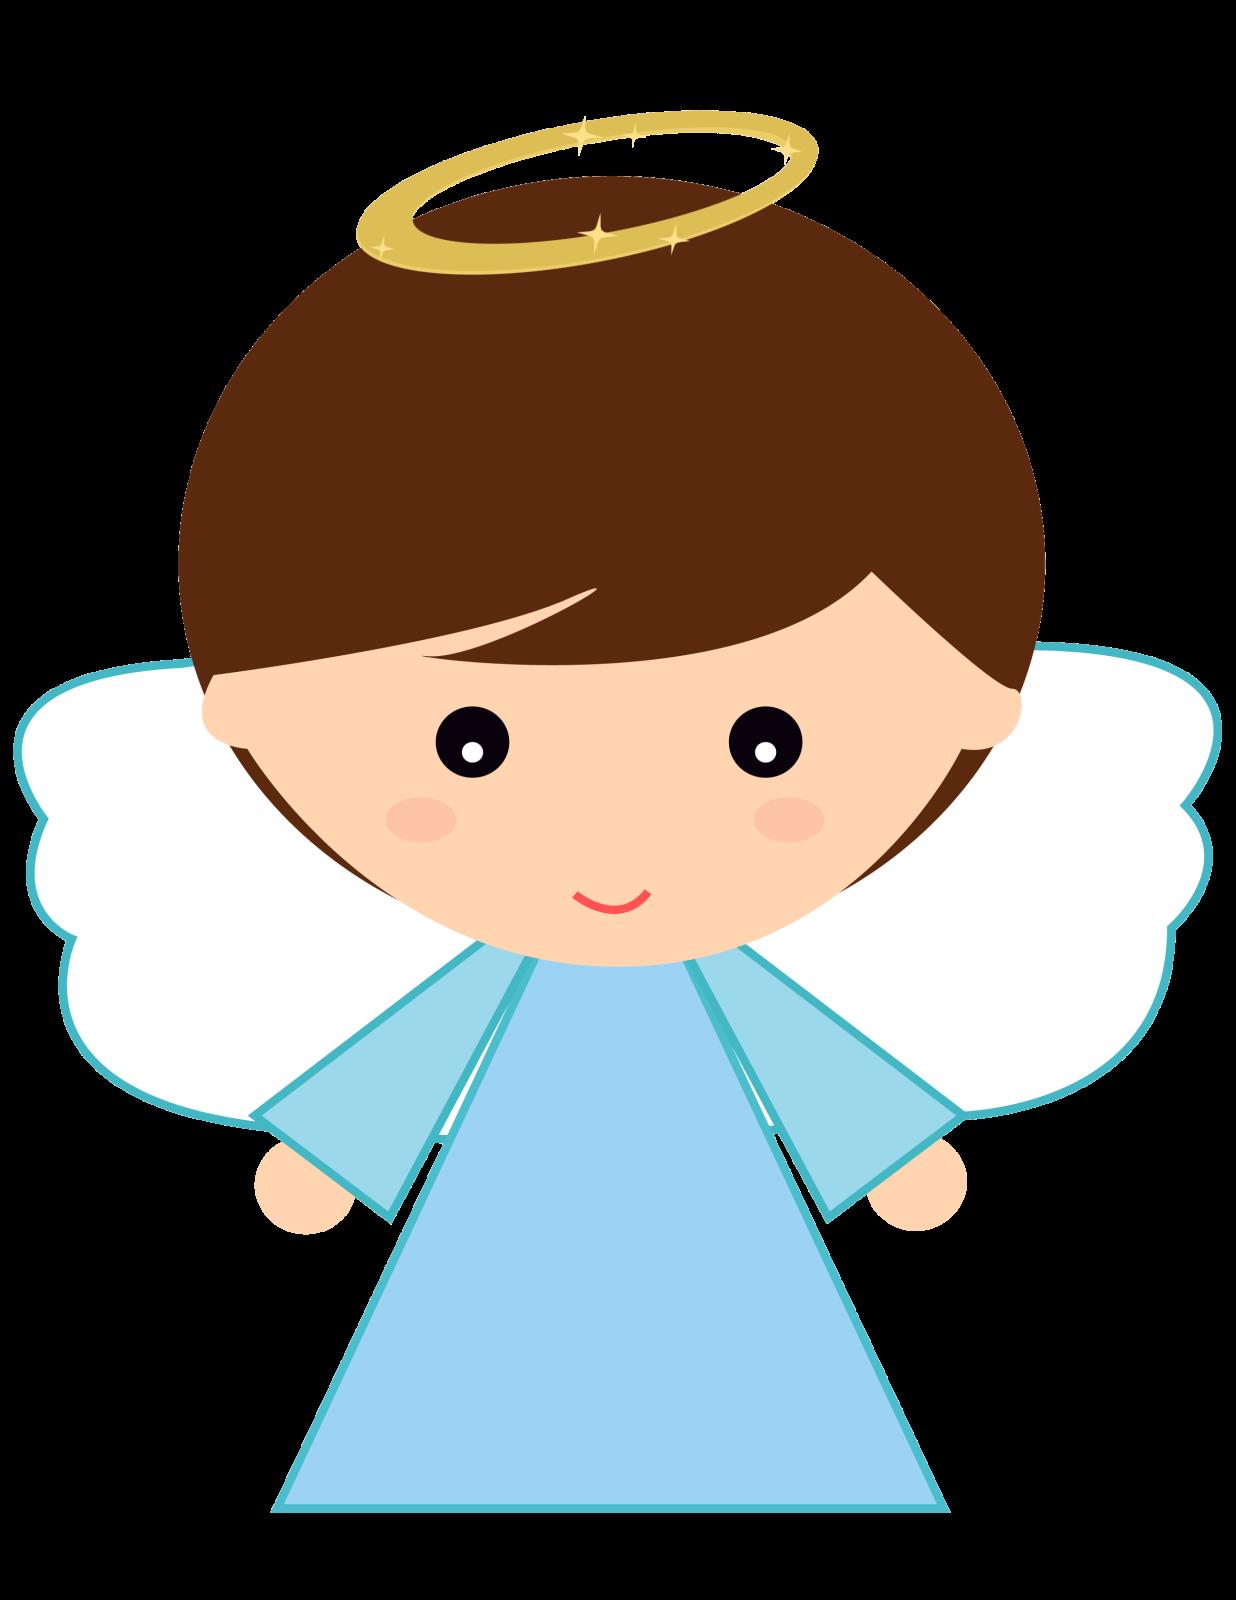 angel clipart boy - HD1210×1404